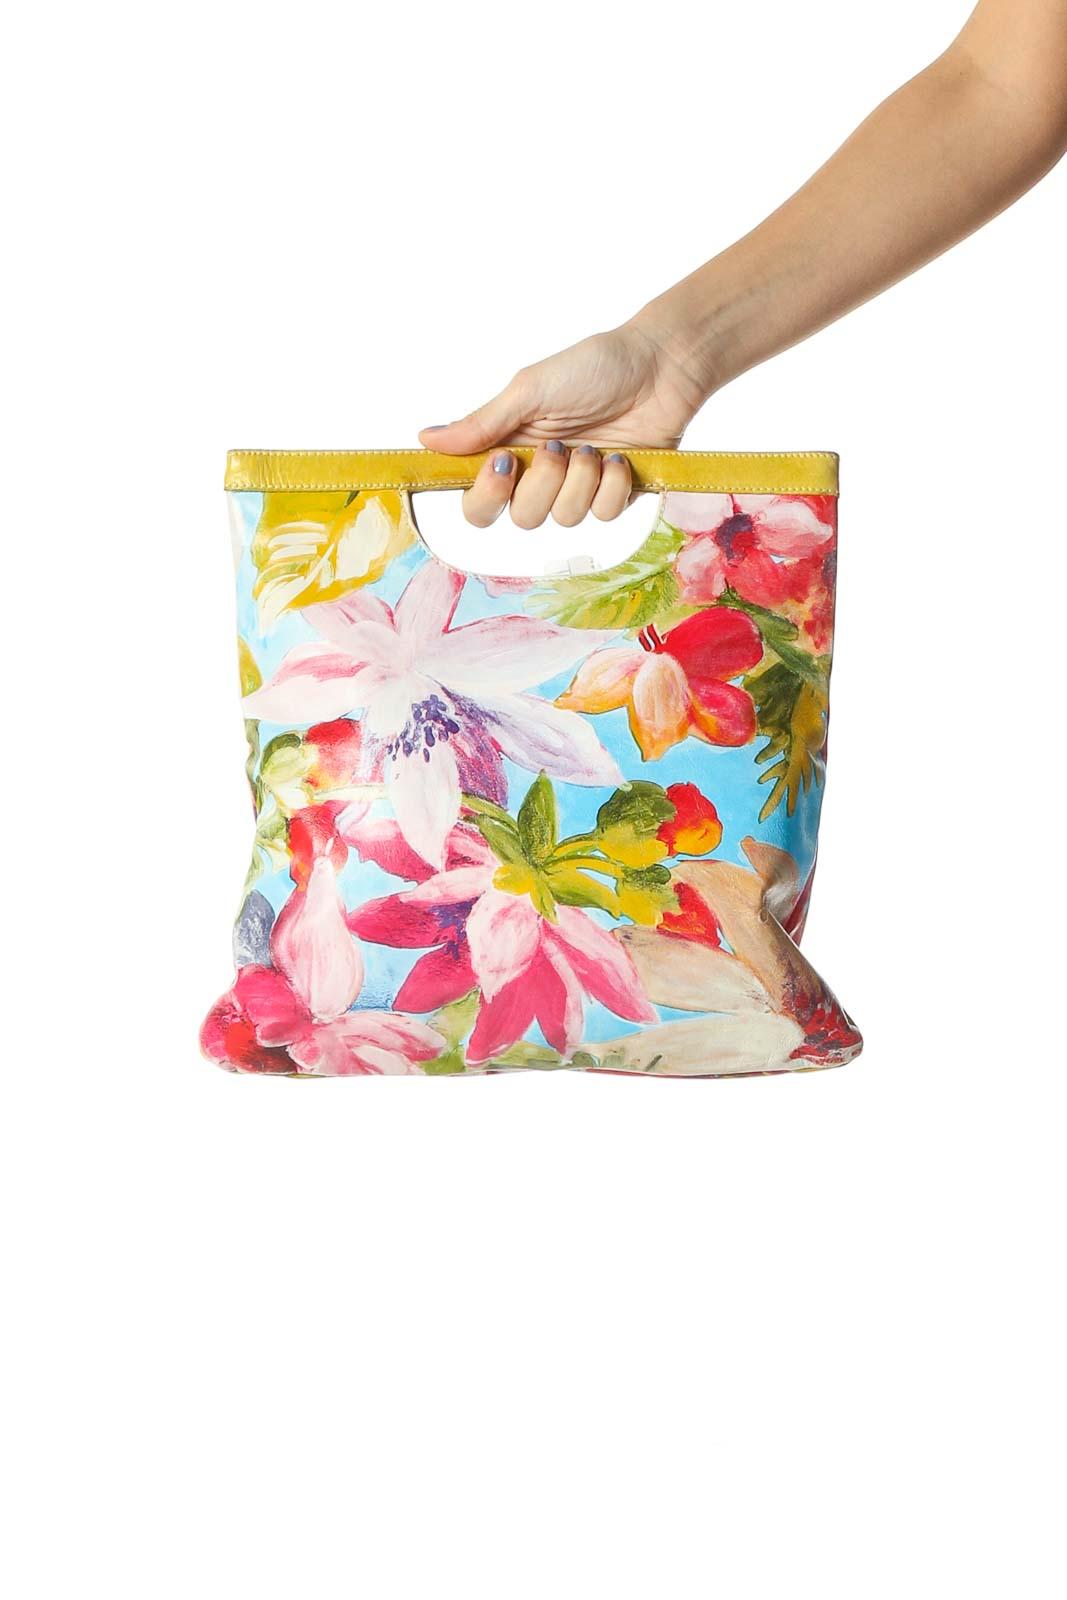 Multicolor Crossbody Bag Front